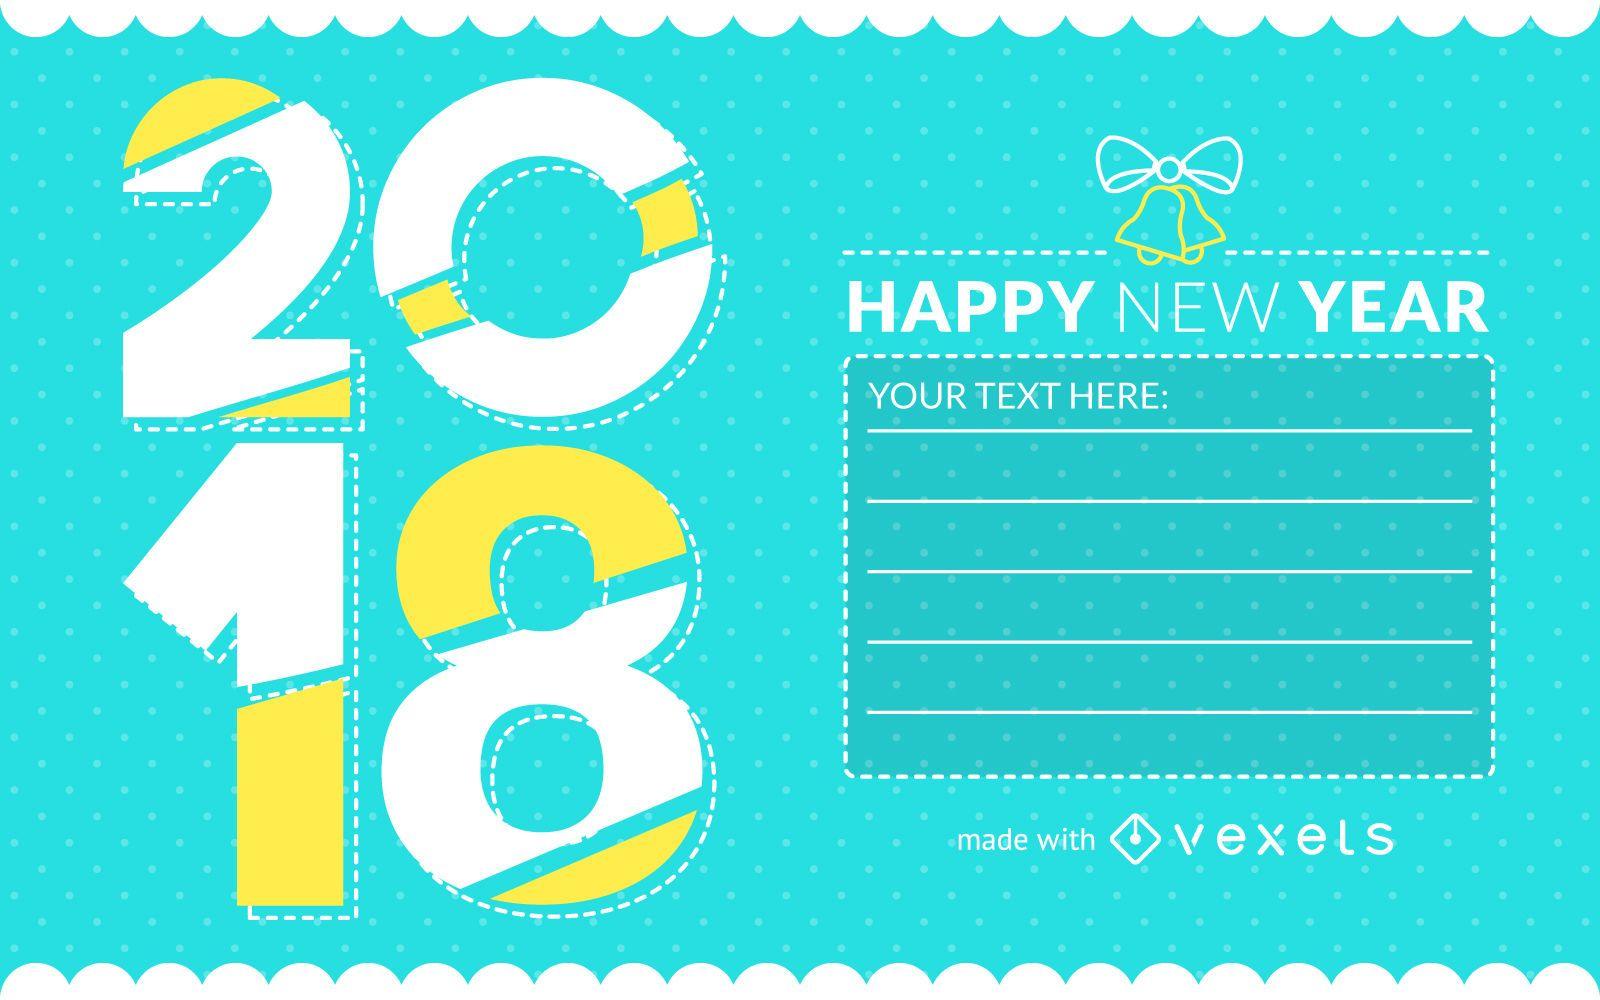 2018 New Year greeting card creator